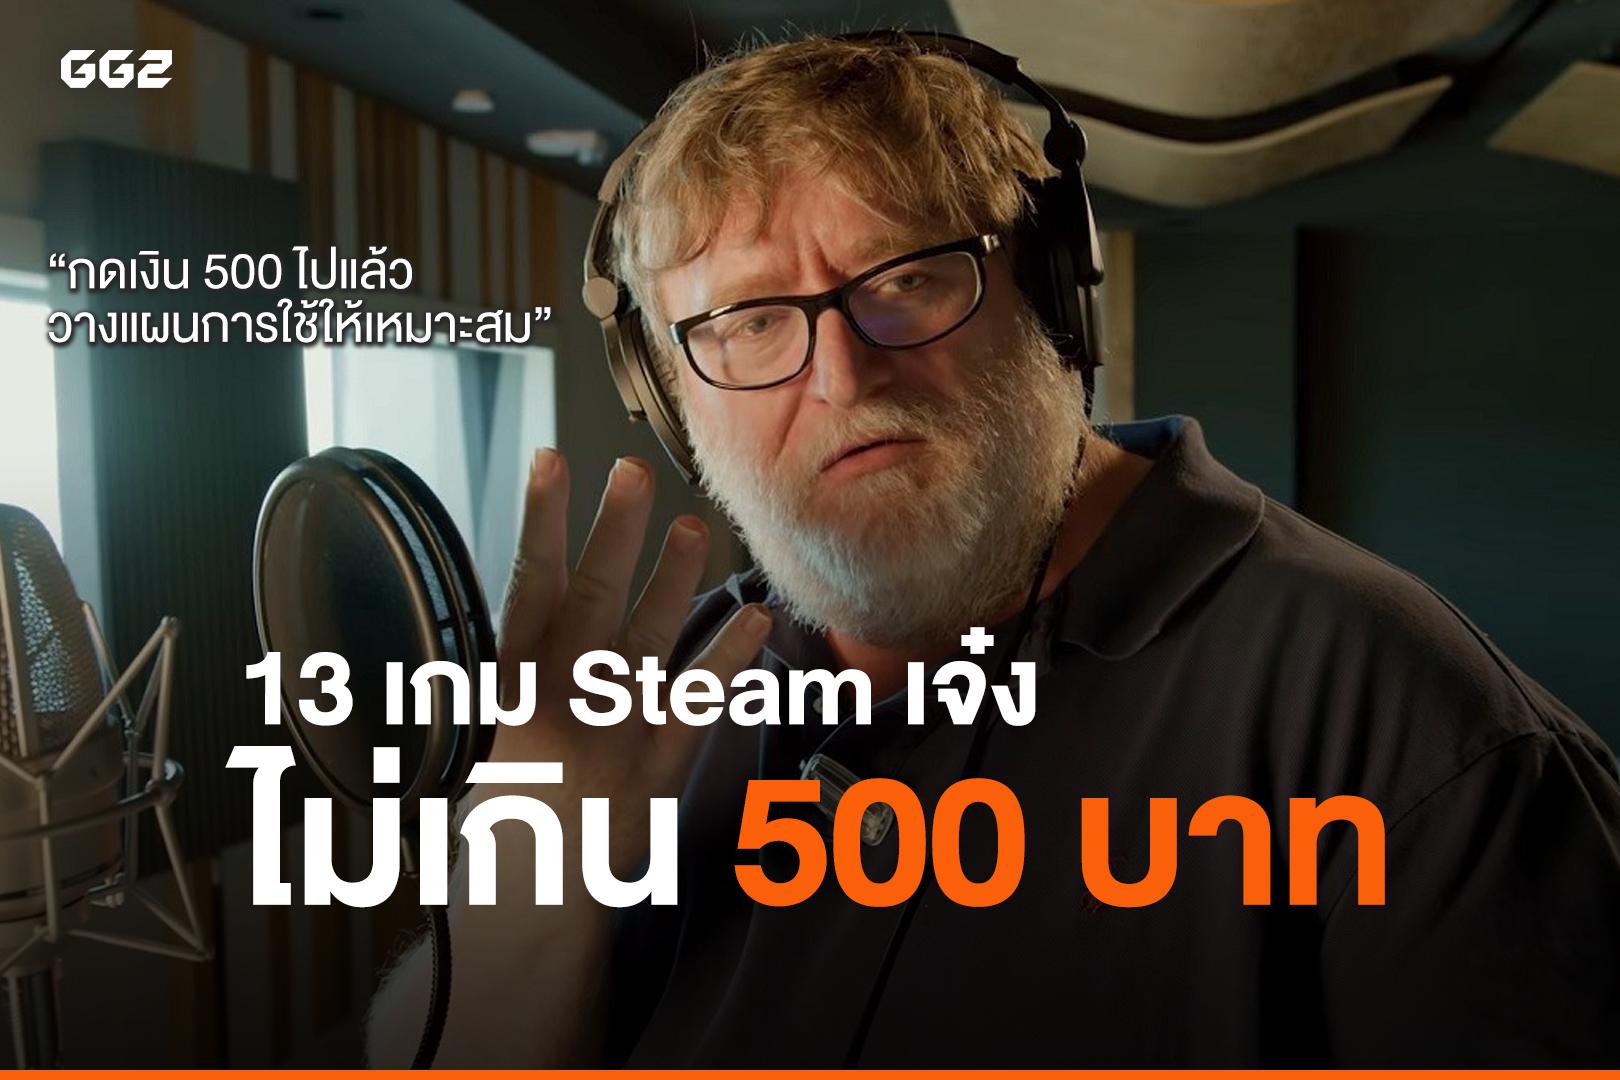 13 เกม Steam เจ๋ง ไม่เกิน 500 บาท